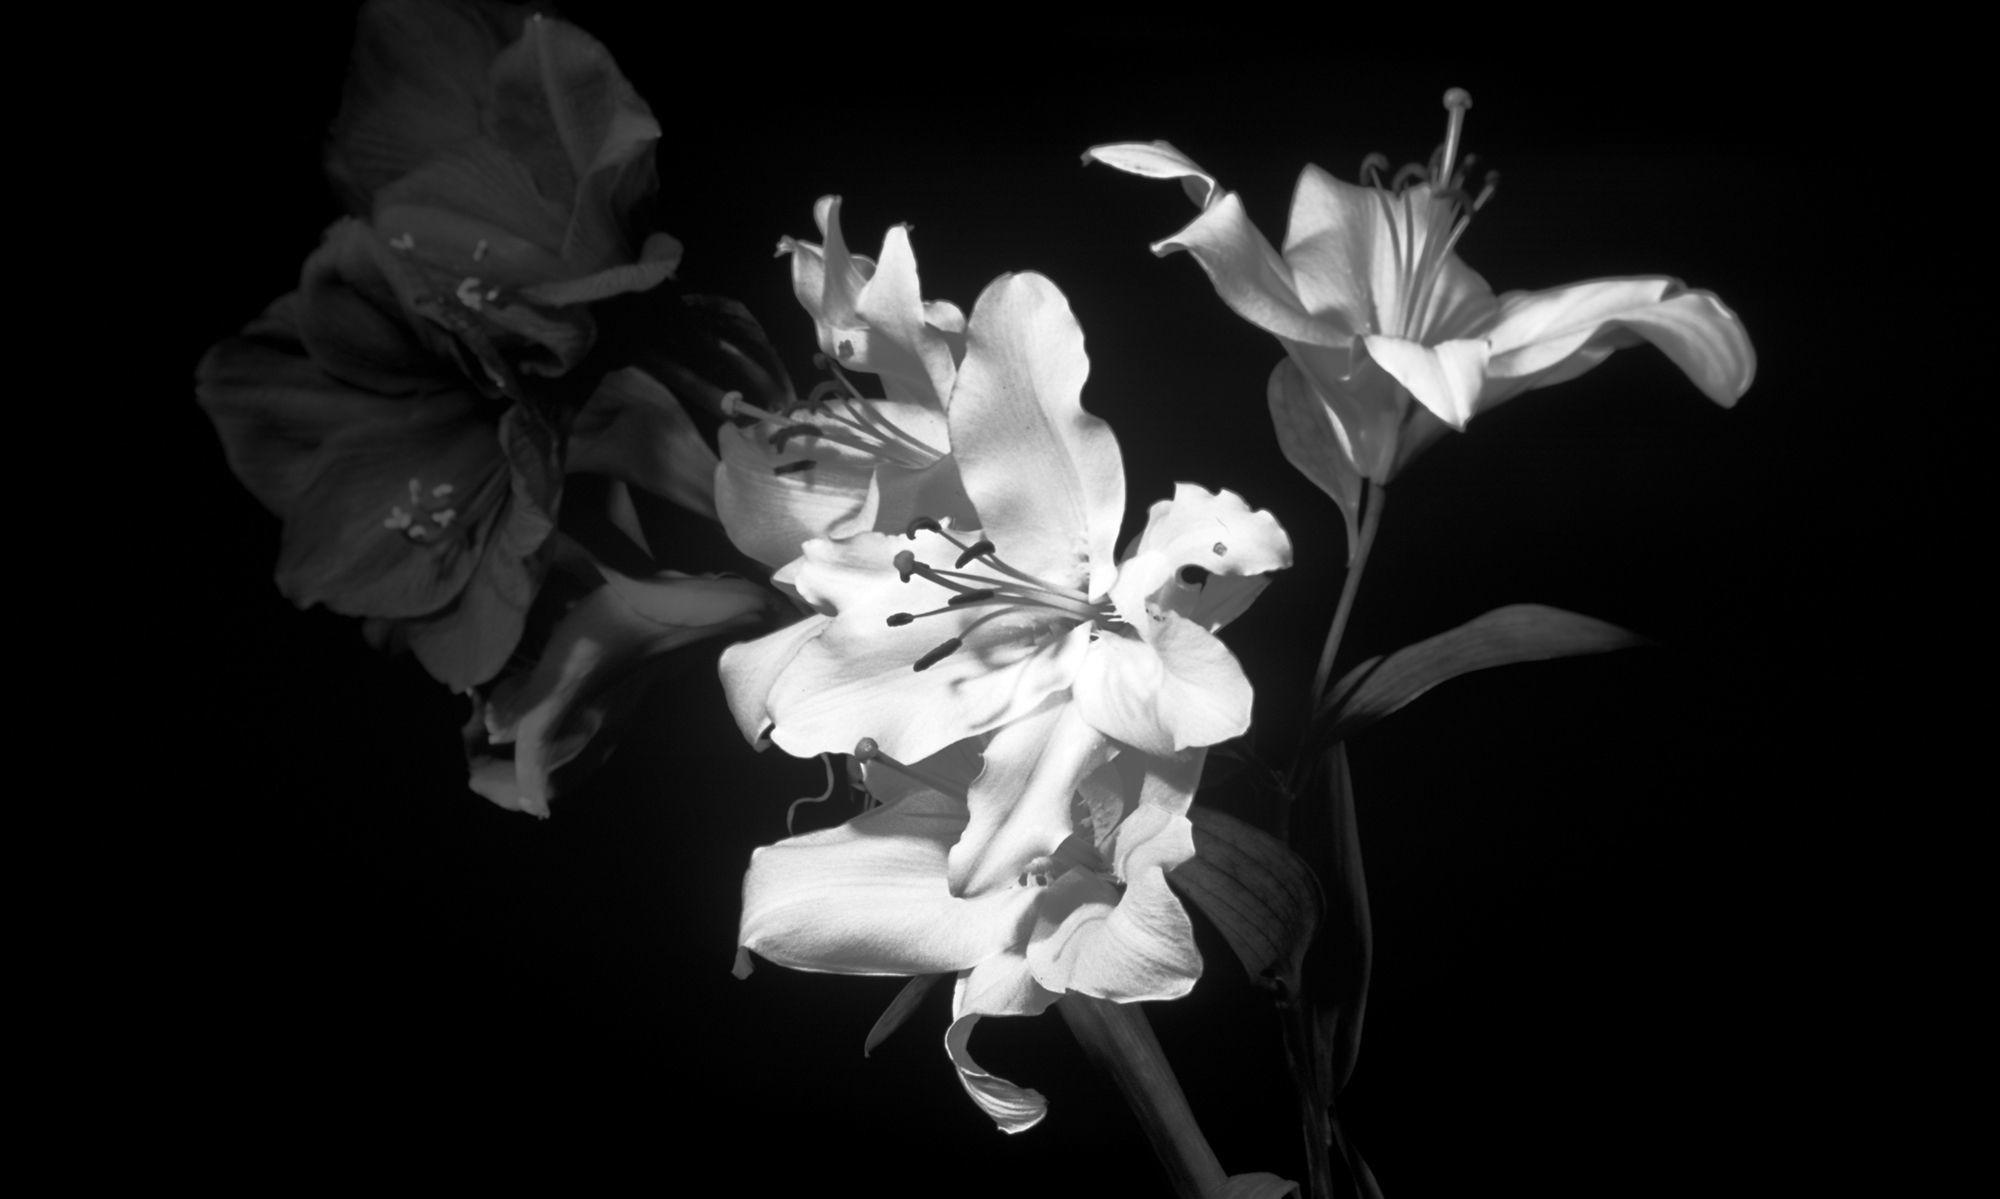 Dark Flower Wallpaper 70 Images